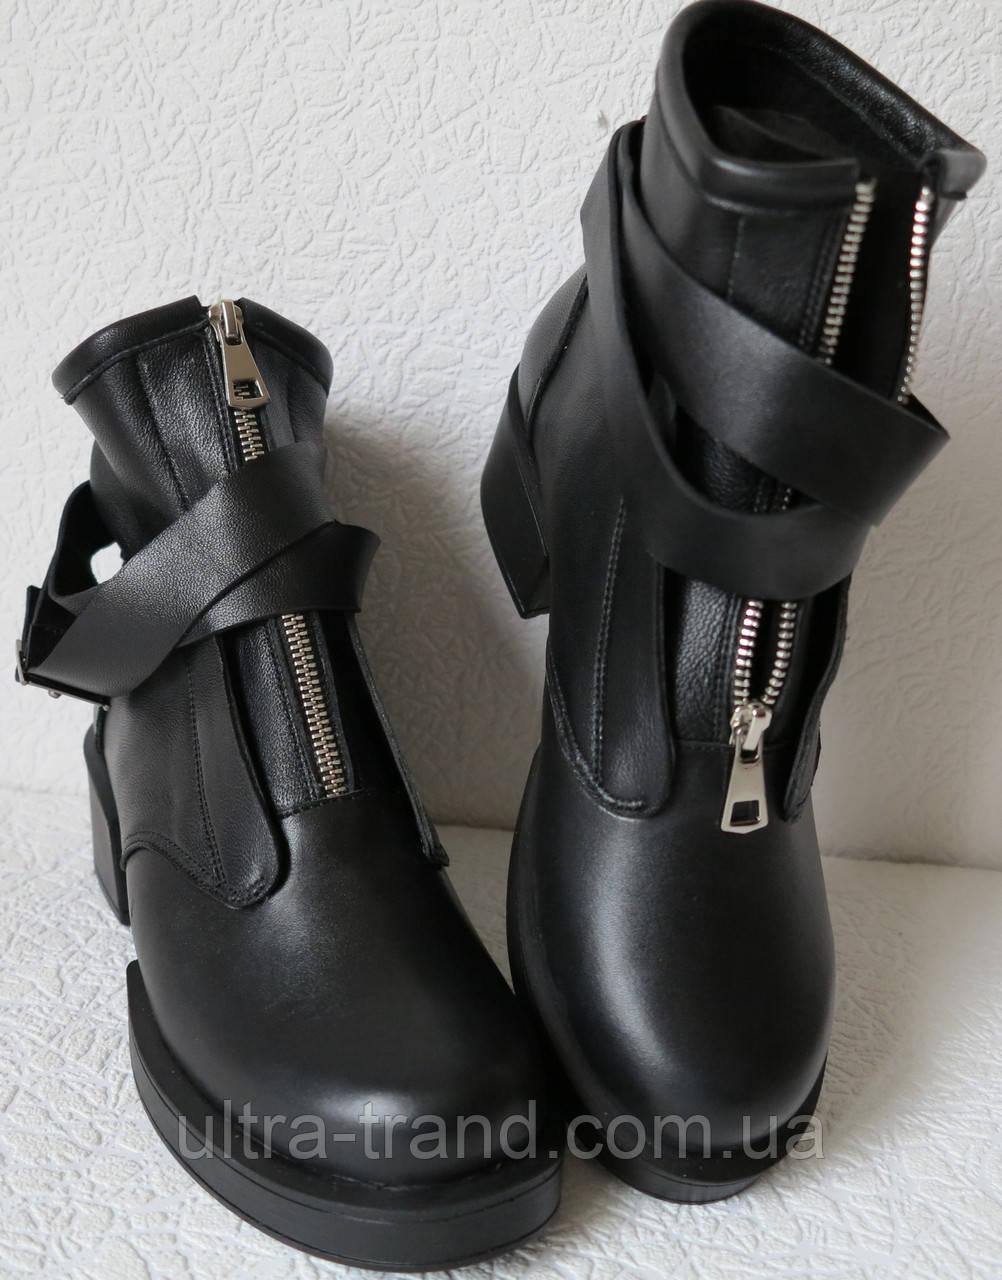 Balenciaga!! Ботинки кожа! Женские с ремешками сверху,  на змейке в стиле Баленсиага.